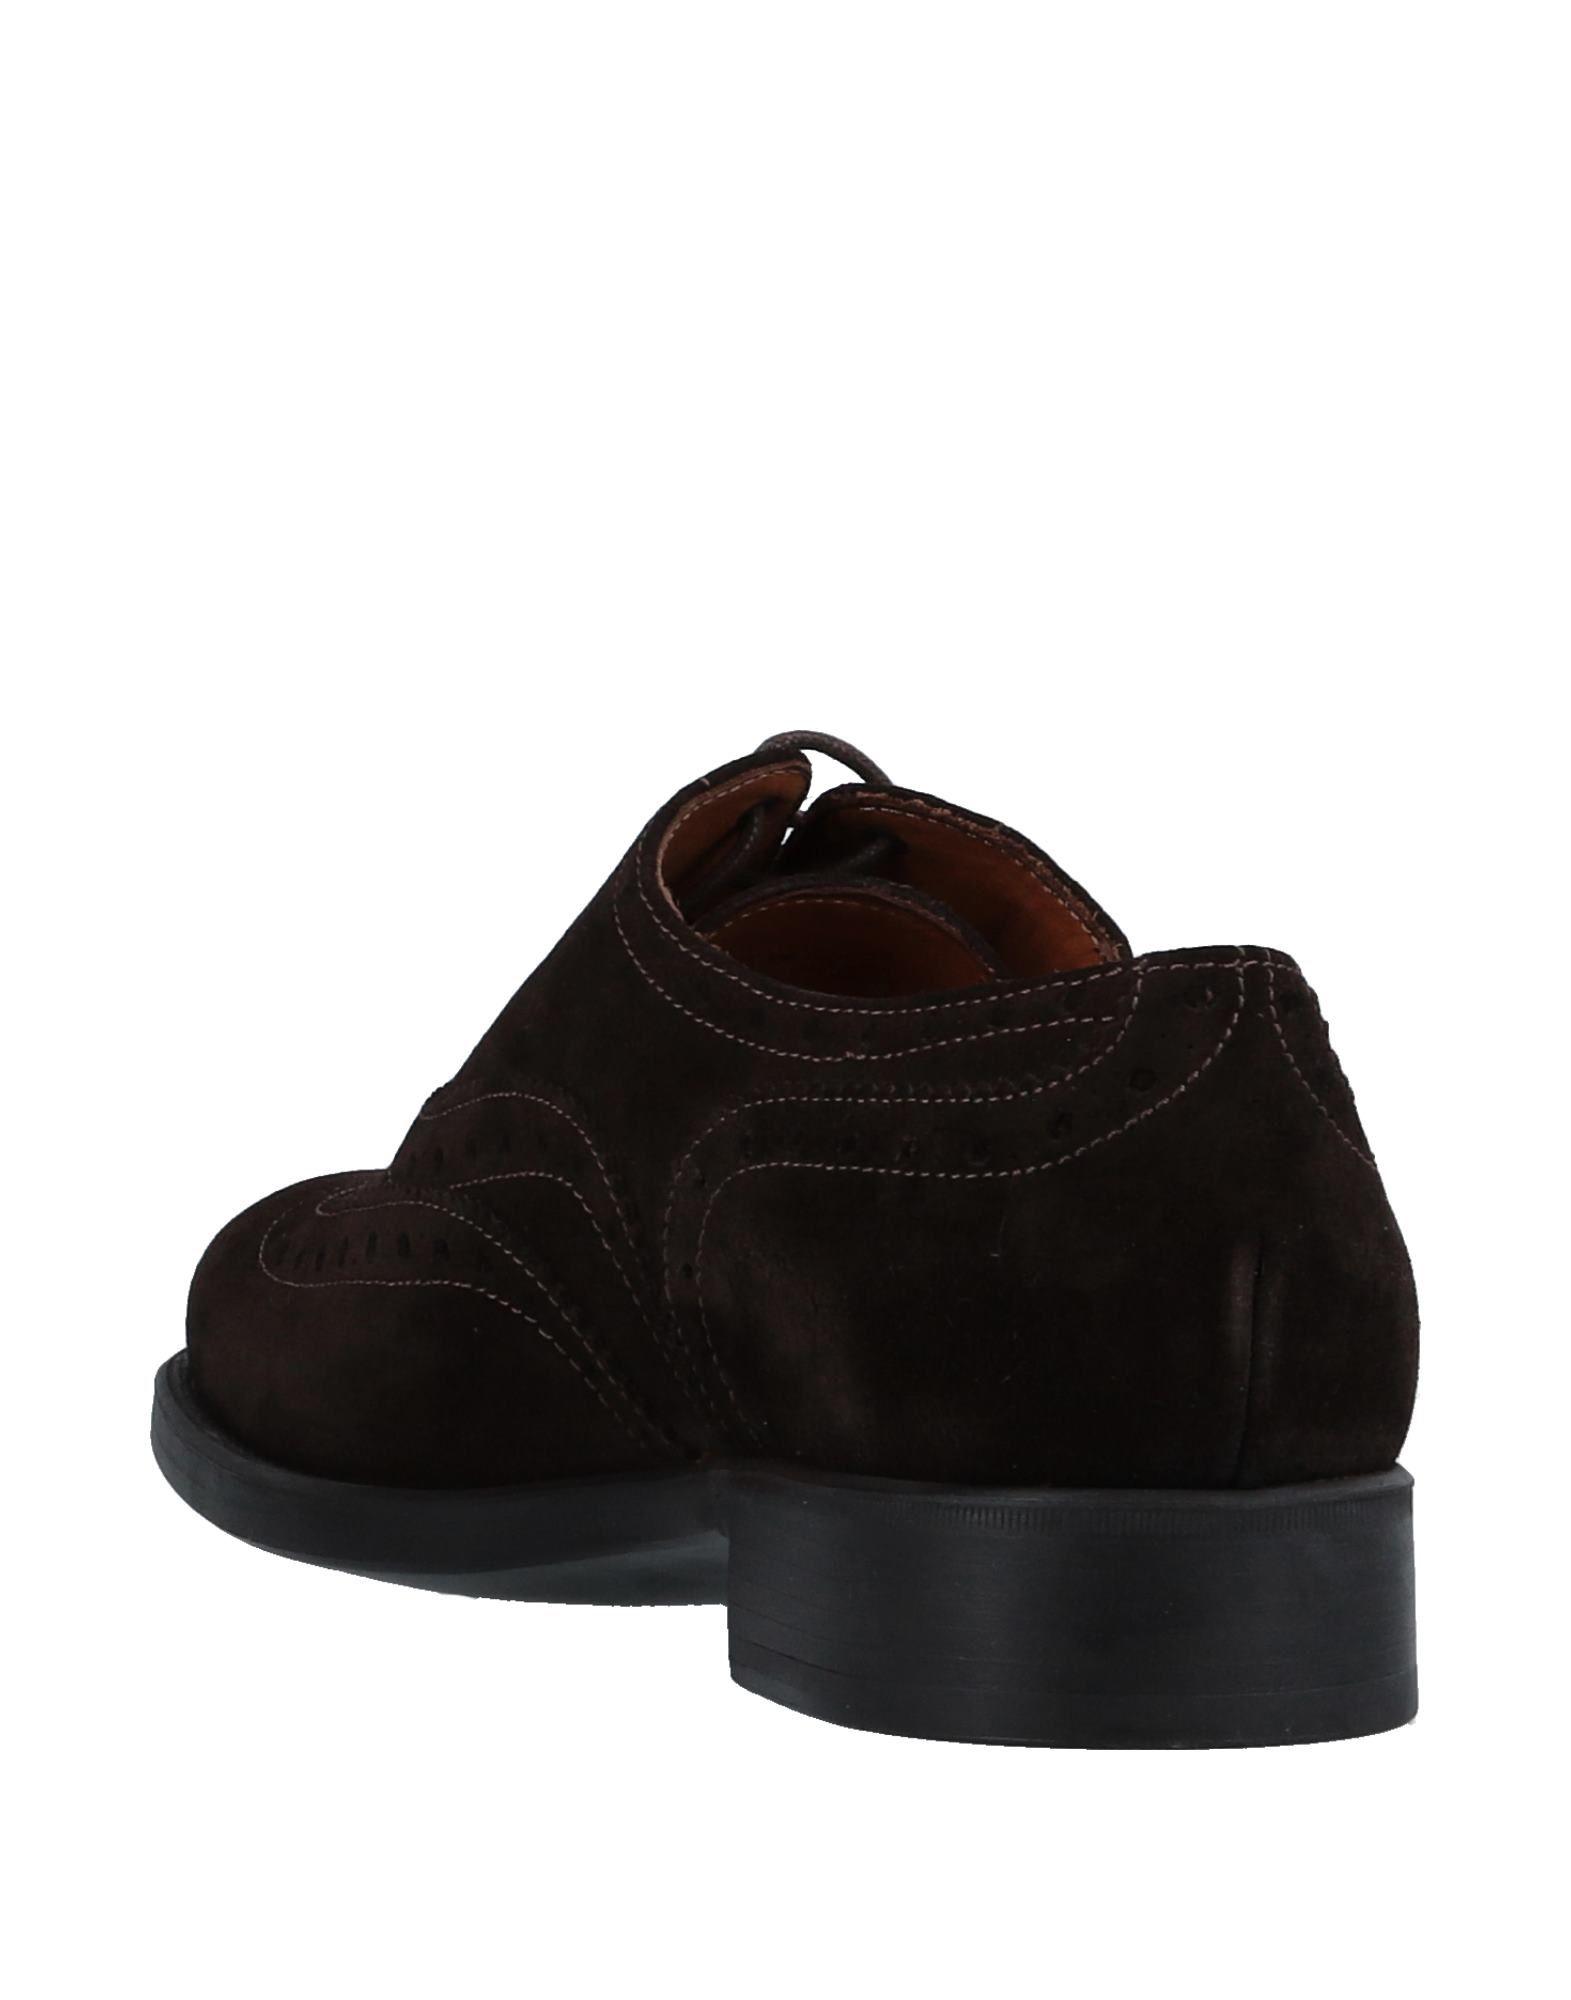 Wexford Heiße Schnürschuhe Herren  11508030BL Heiße Wexford Schuhe 775cd6